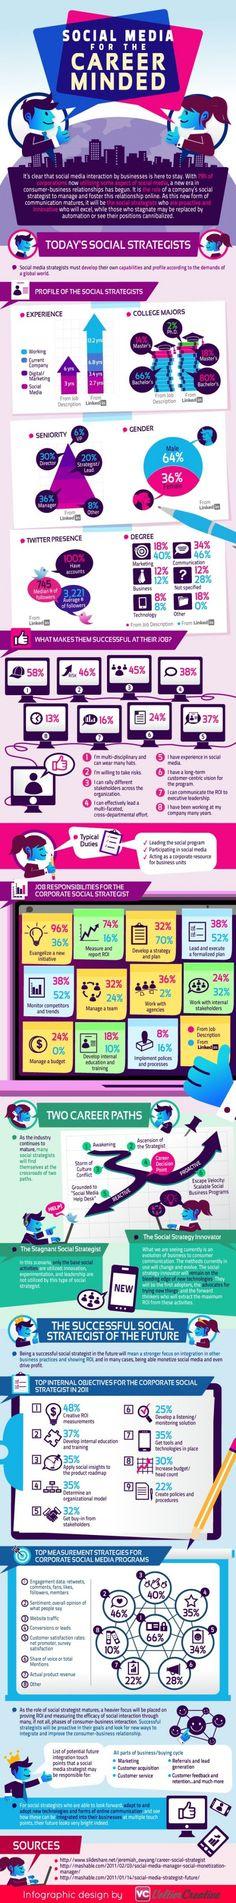 What sort of people work in Social Media??